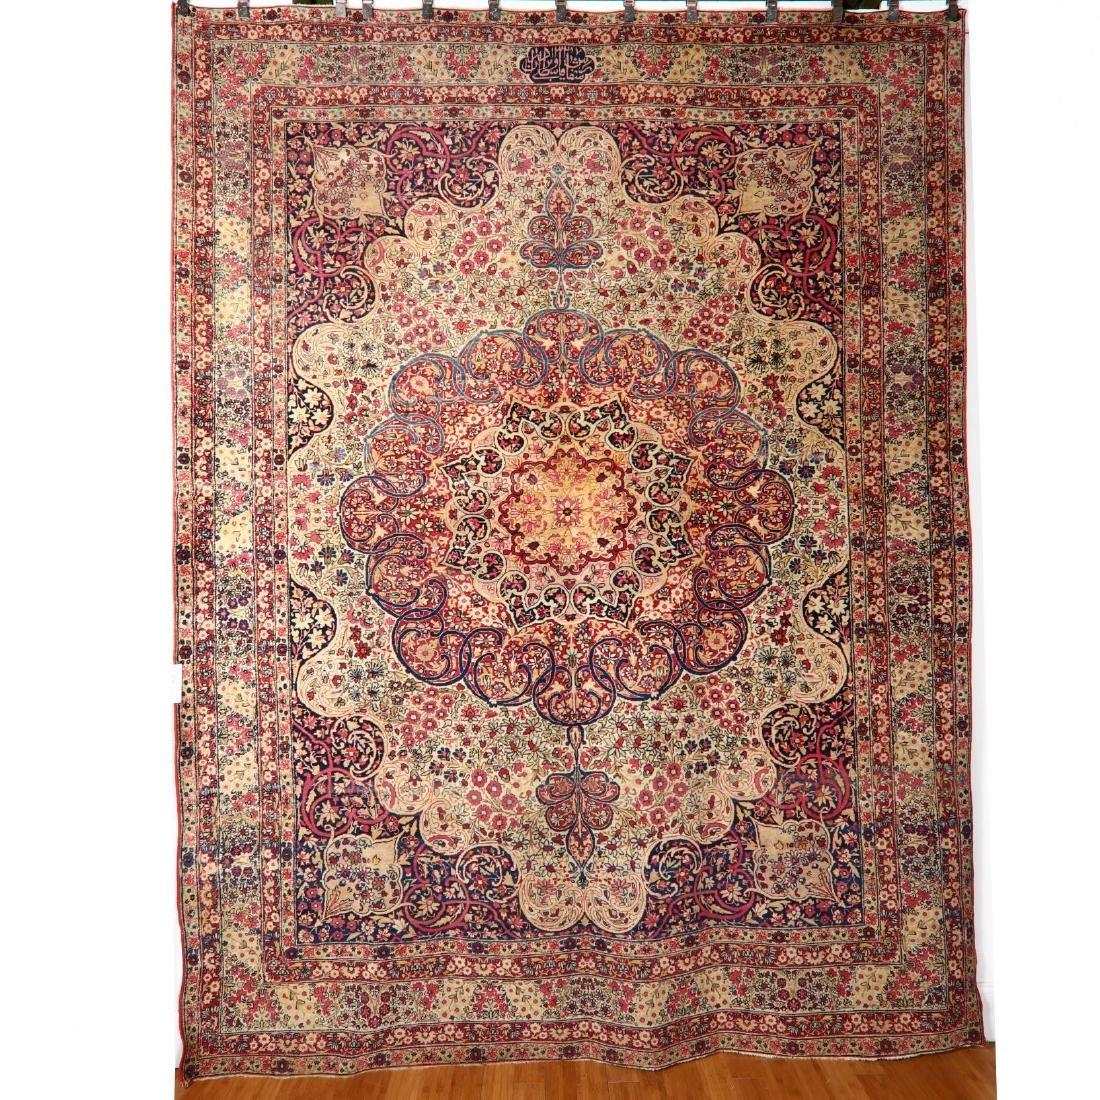 Lavar Kerman Carpet (8 ft. 7 in. x 11 ft. 3 in.)